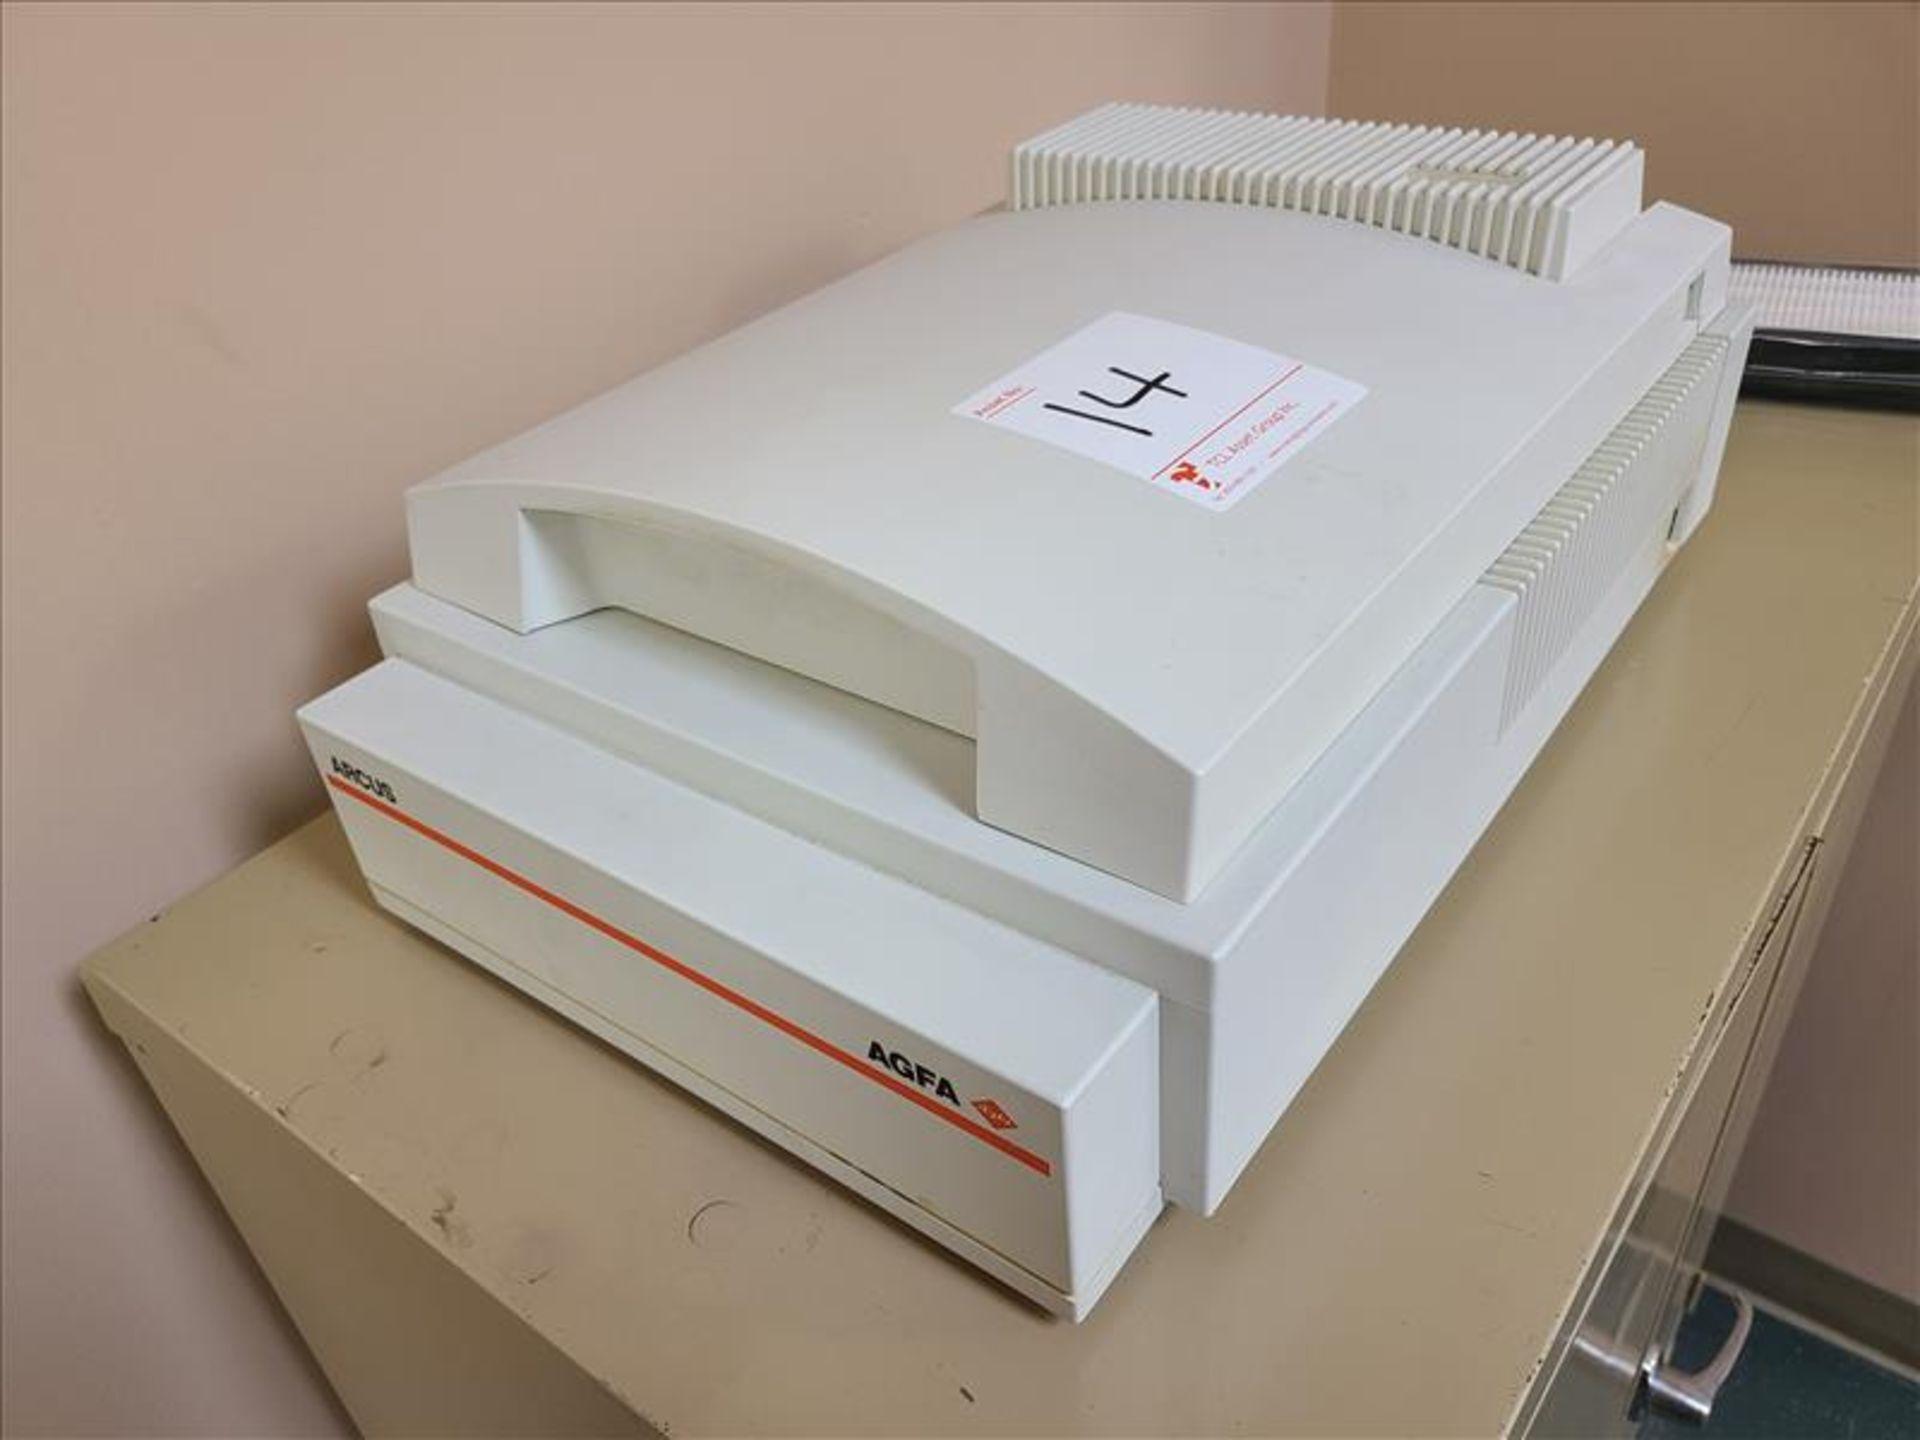 Agafa Scanner, model ARCUS, S/N.FX014-6806227, 120-240V, 50-60 Hz, 1 amp